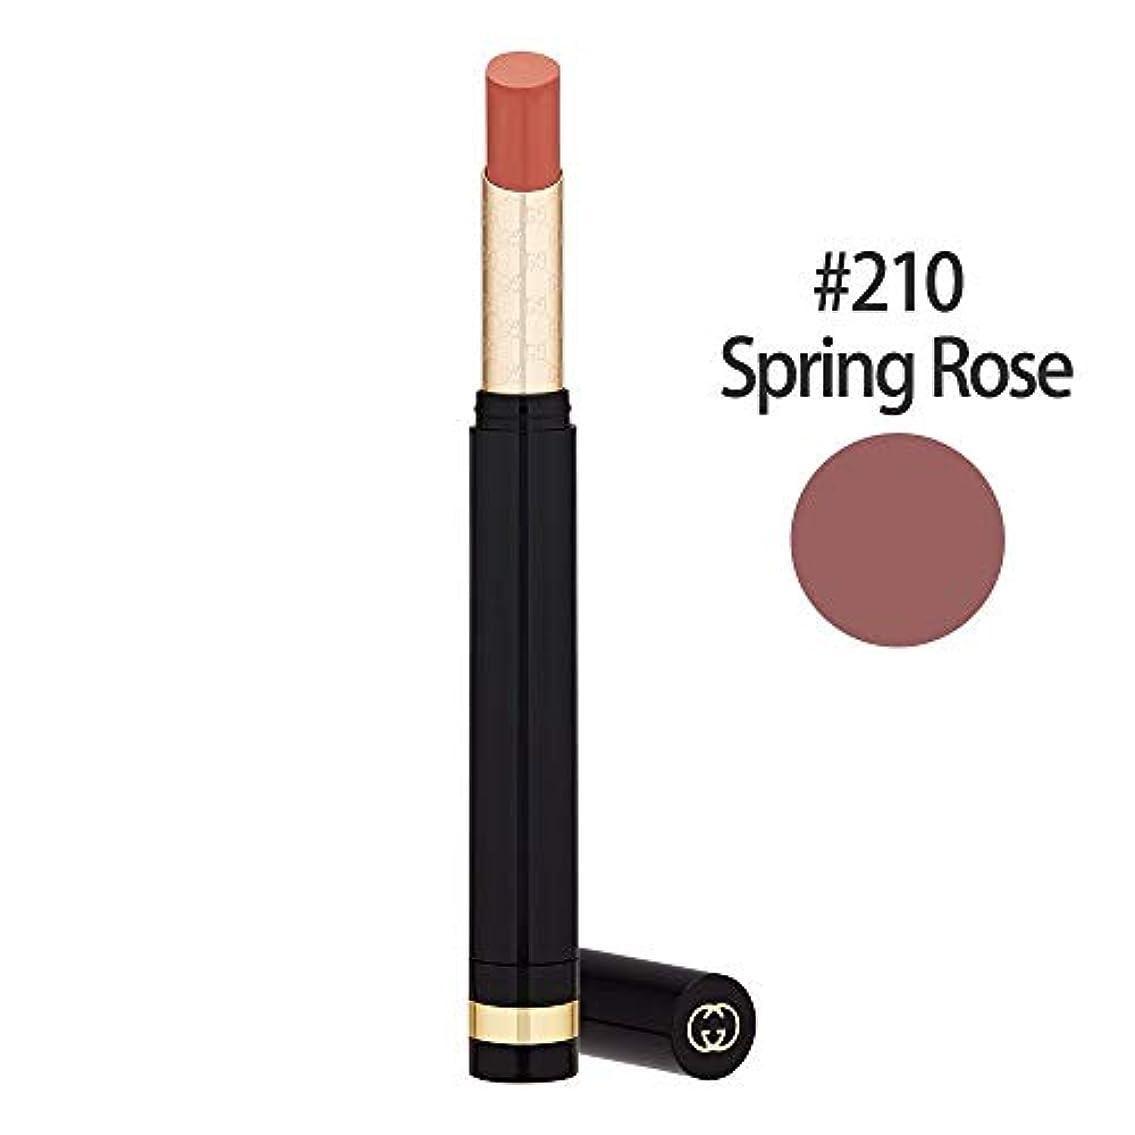 貼り直す使用法キャッチグッチ(GUCCI) センシュアスディープマット リップスティック #210(Spring Rose) 1.5g [並行輸入品]